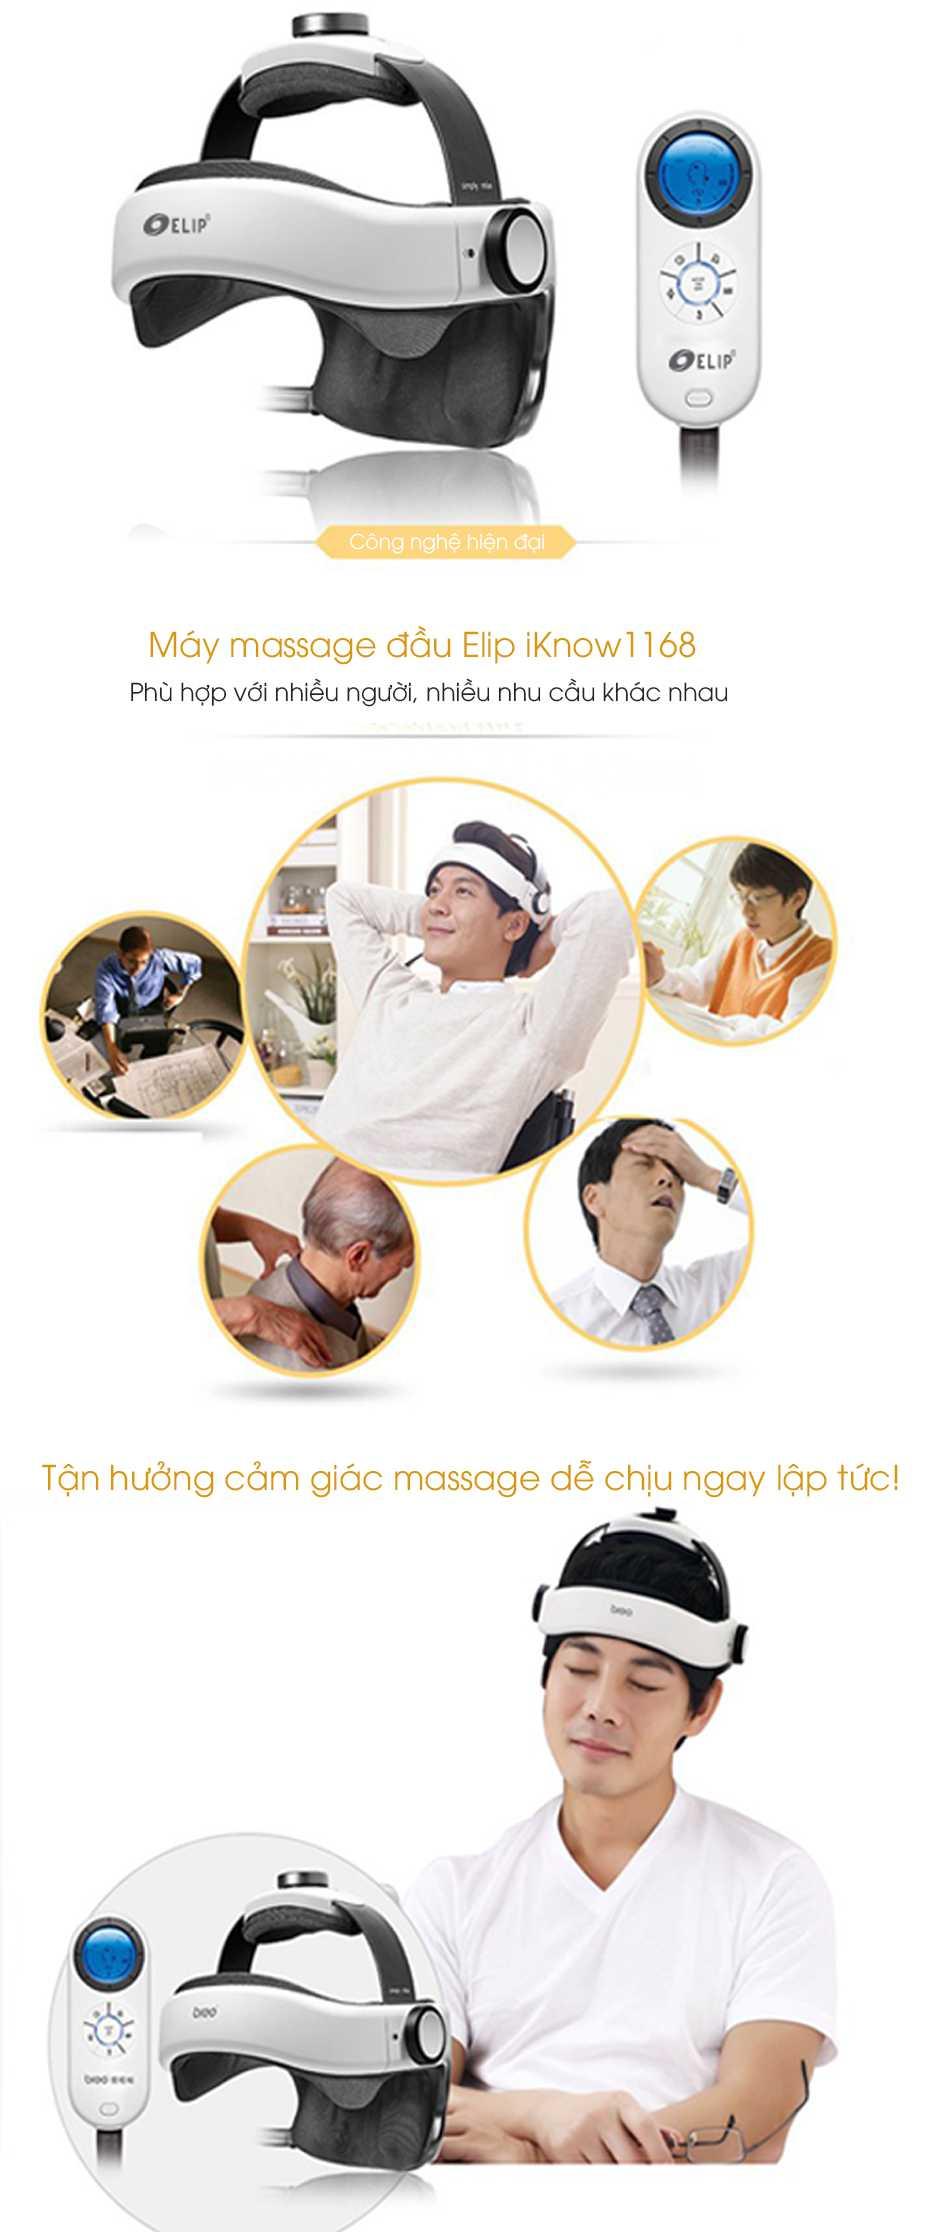 Máy massage đầu Elip iKnow1168